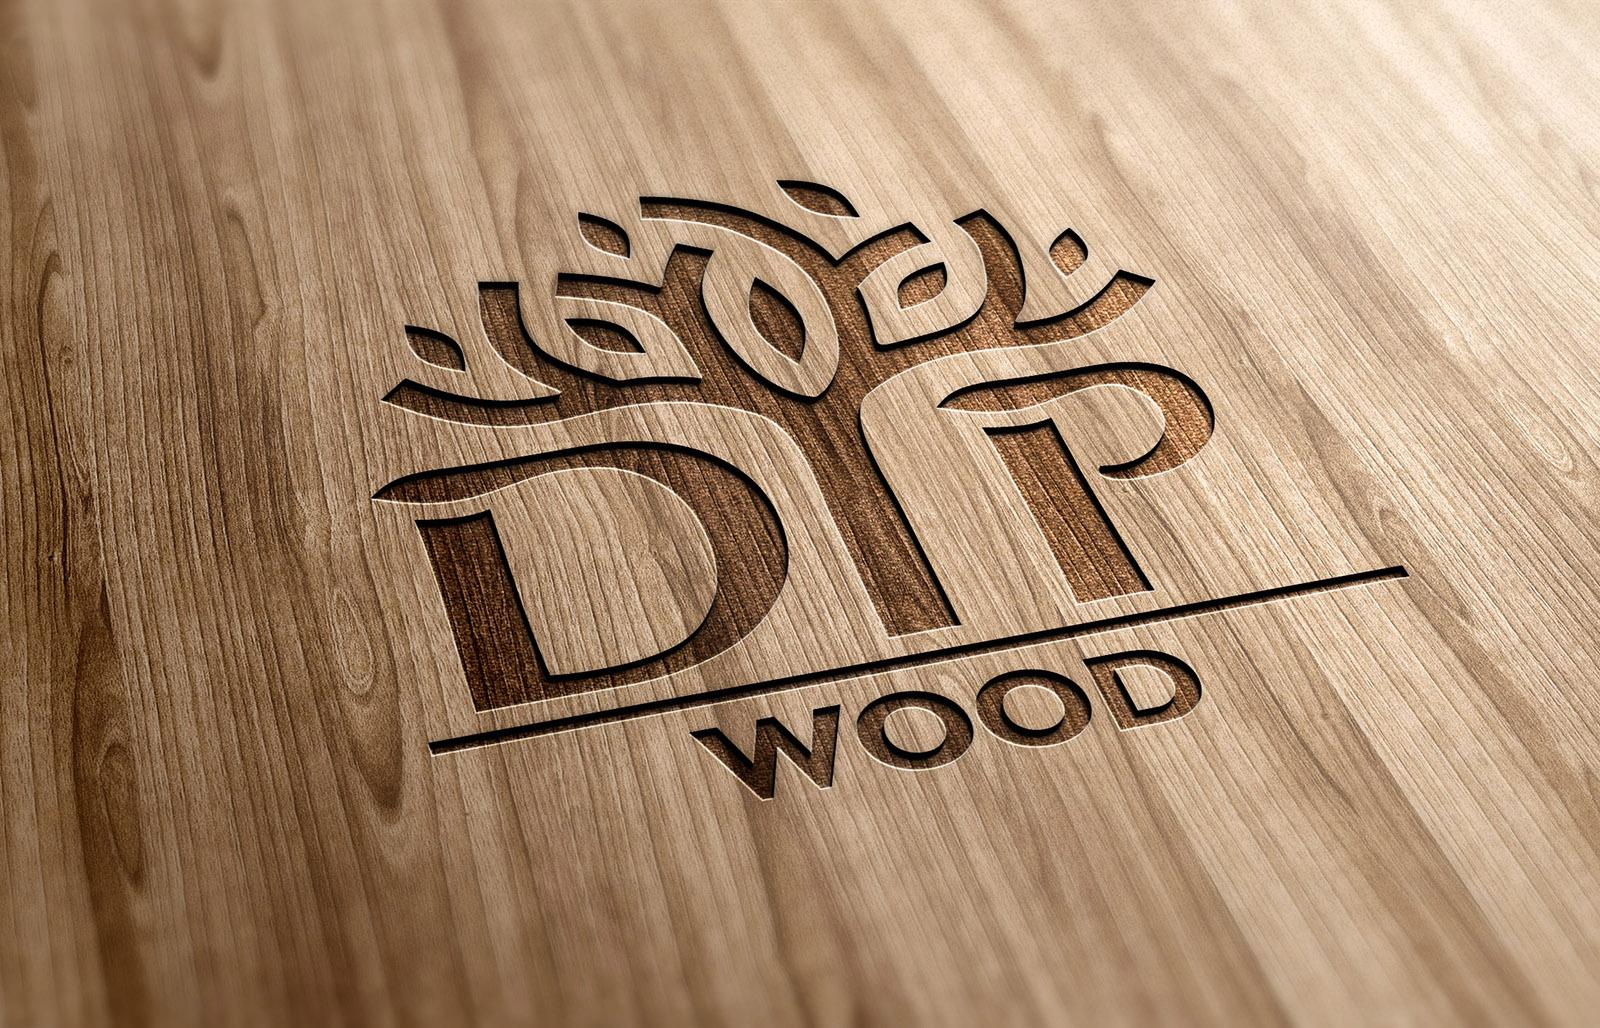 DIP WOOD